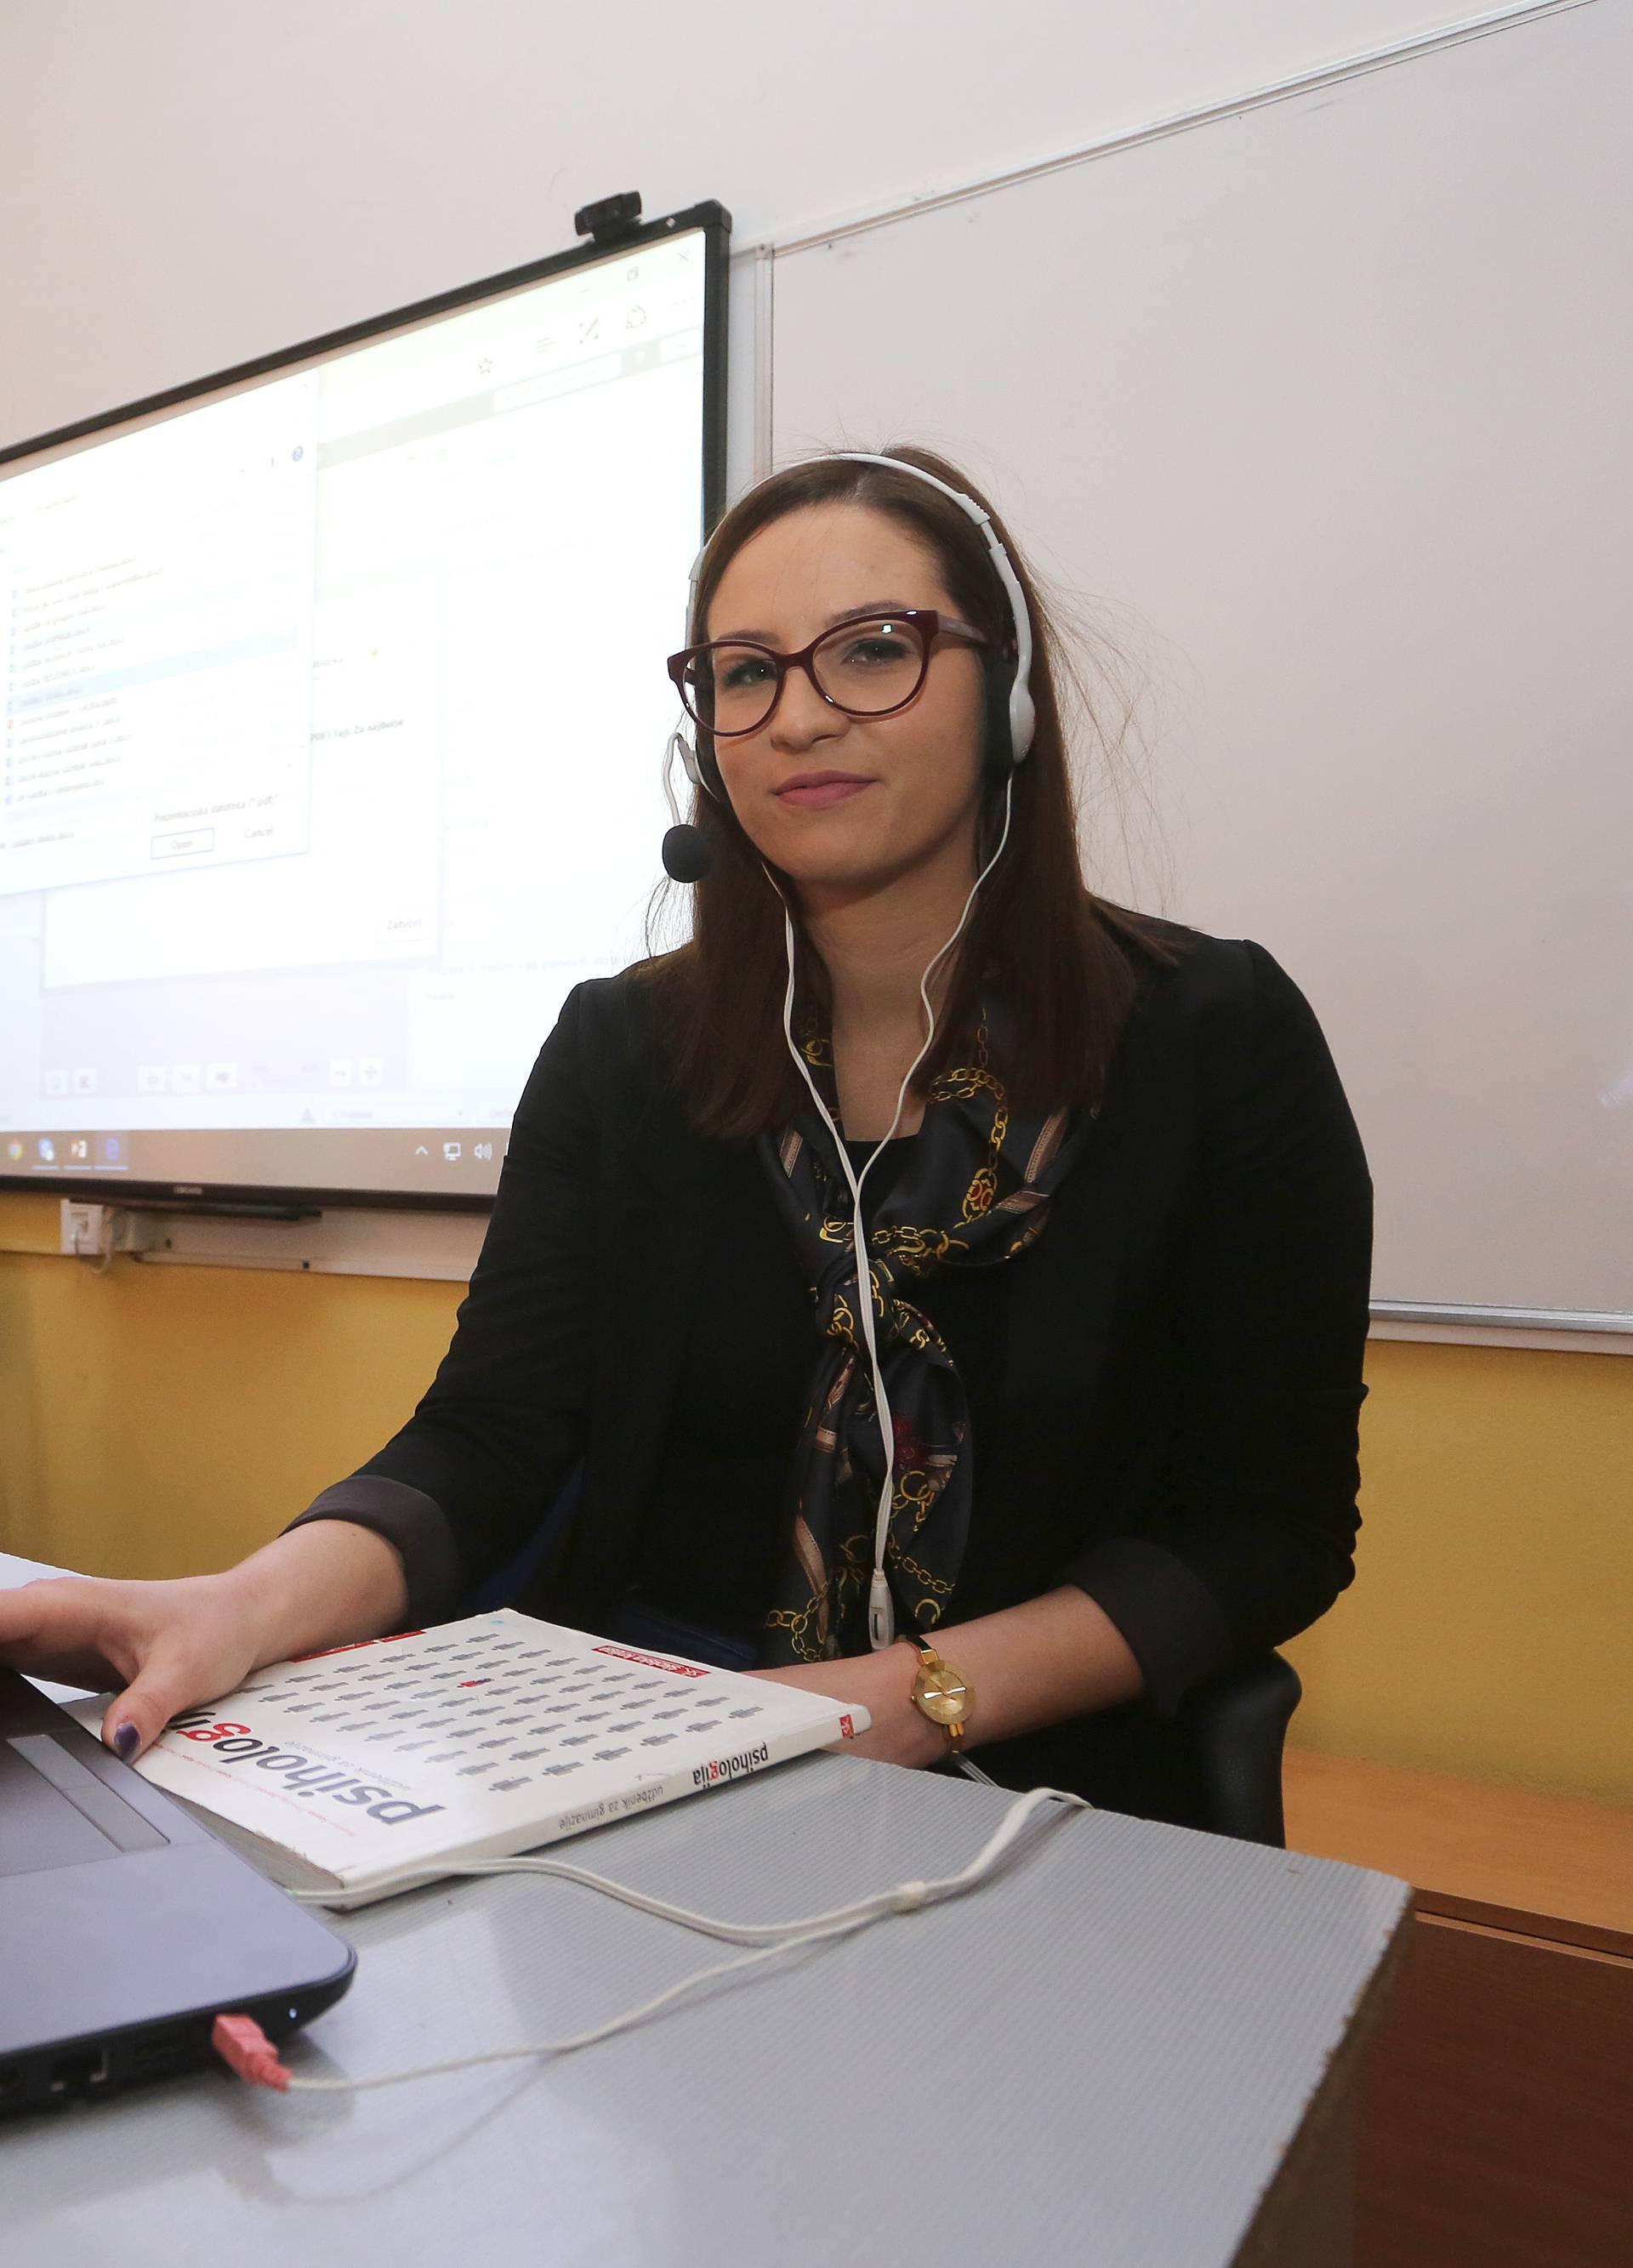 Gimnazijalci: Bolje učimo kad nastavu pratimo od kuće online